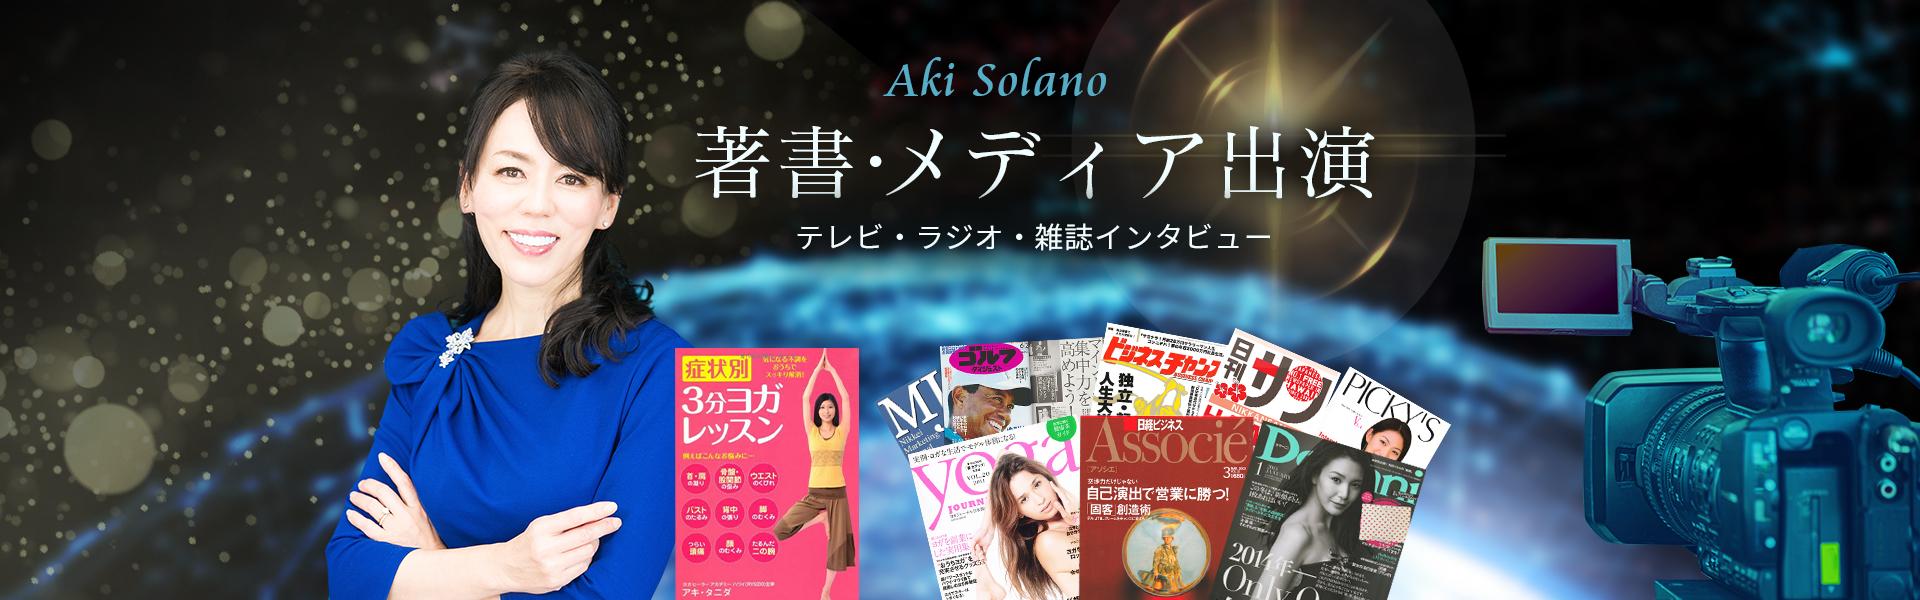 アキ・ソラーノ 著書・メディア出演(テレビ、ラジオ、雑誌インタビュー、投稿)